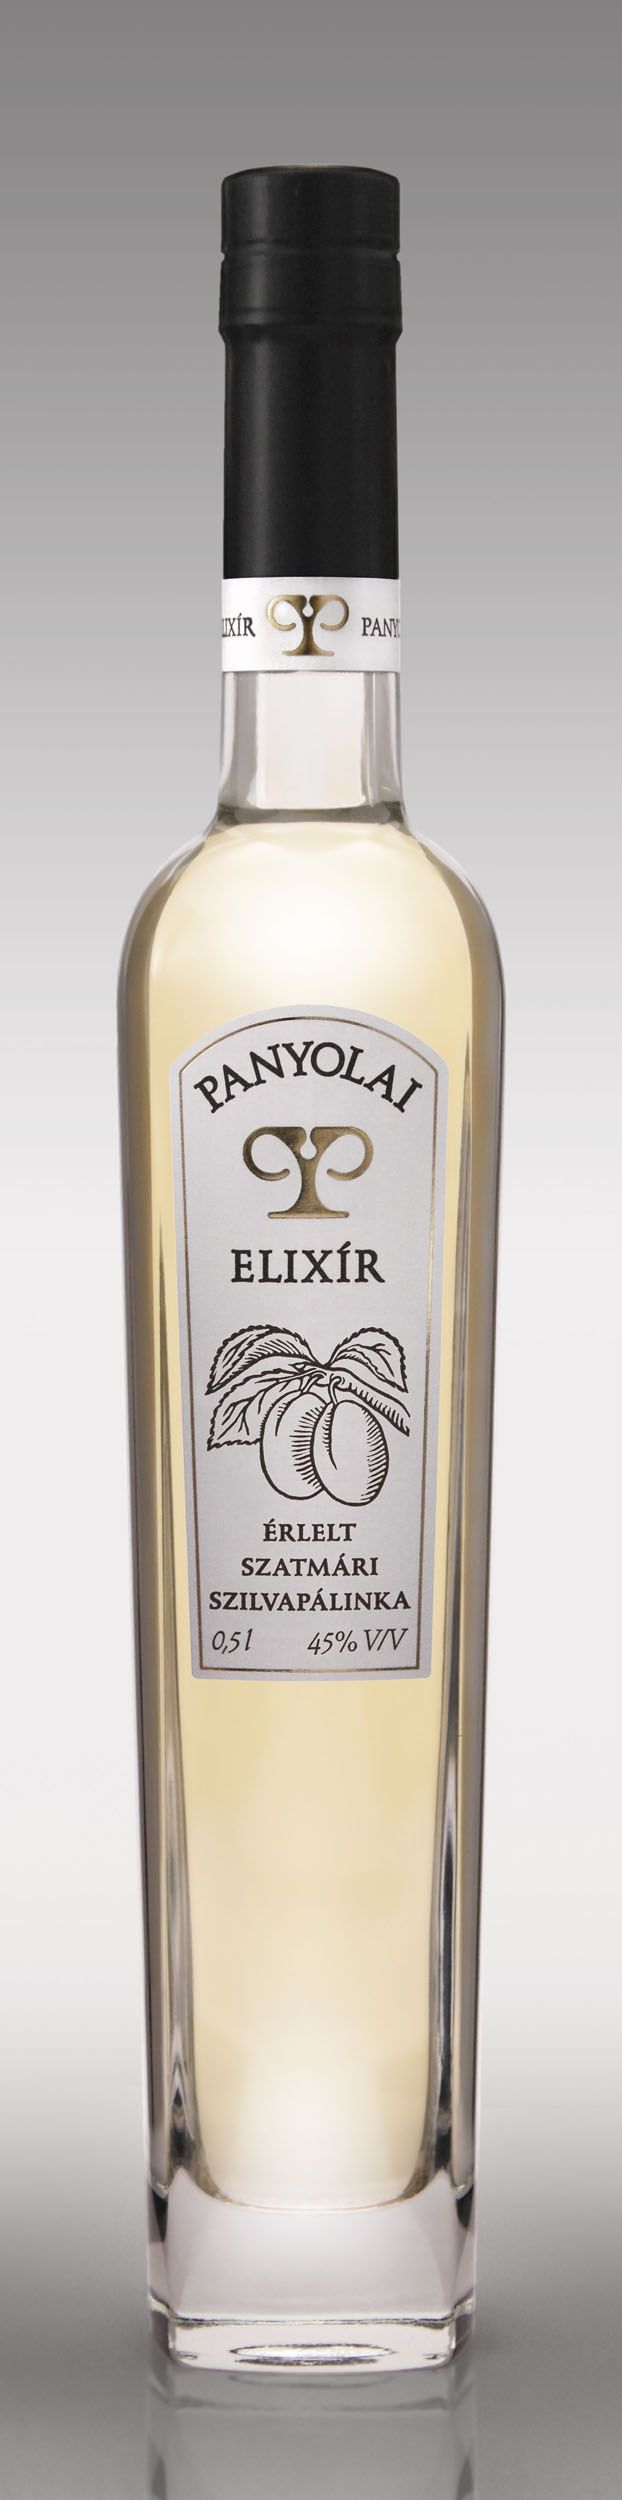 Panyolai Elixír Érlelt Szatmári Szilvapálinka - #hungarian premium #plum #schnapps